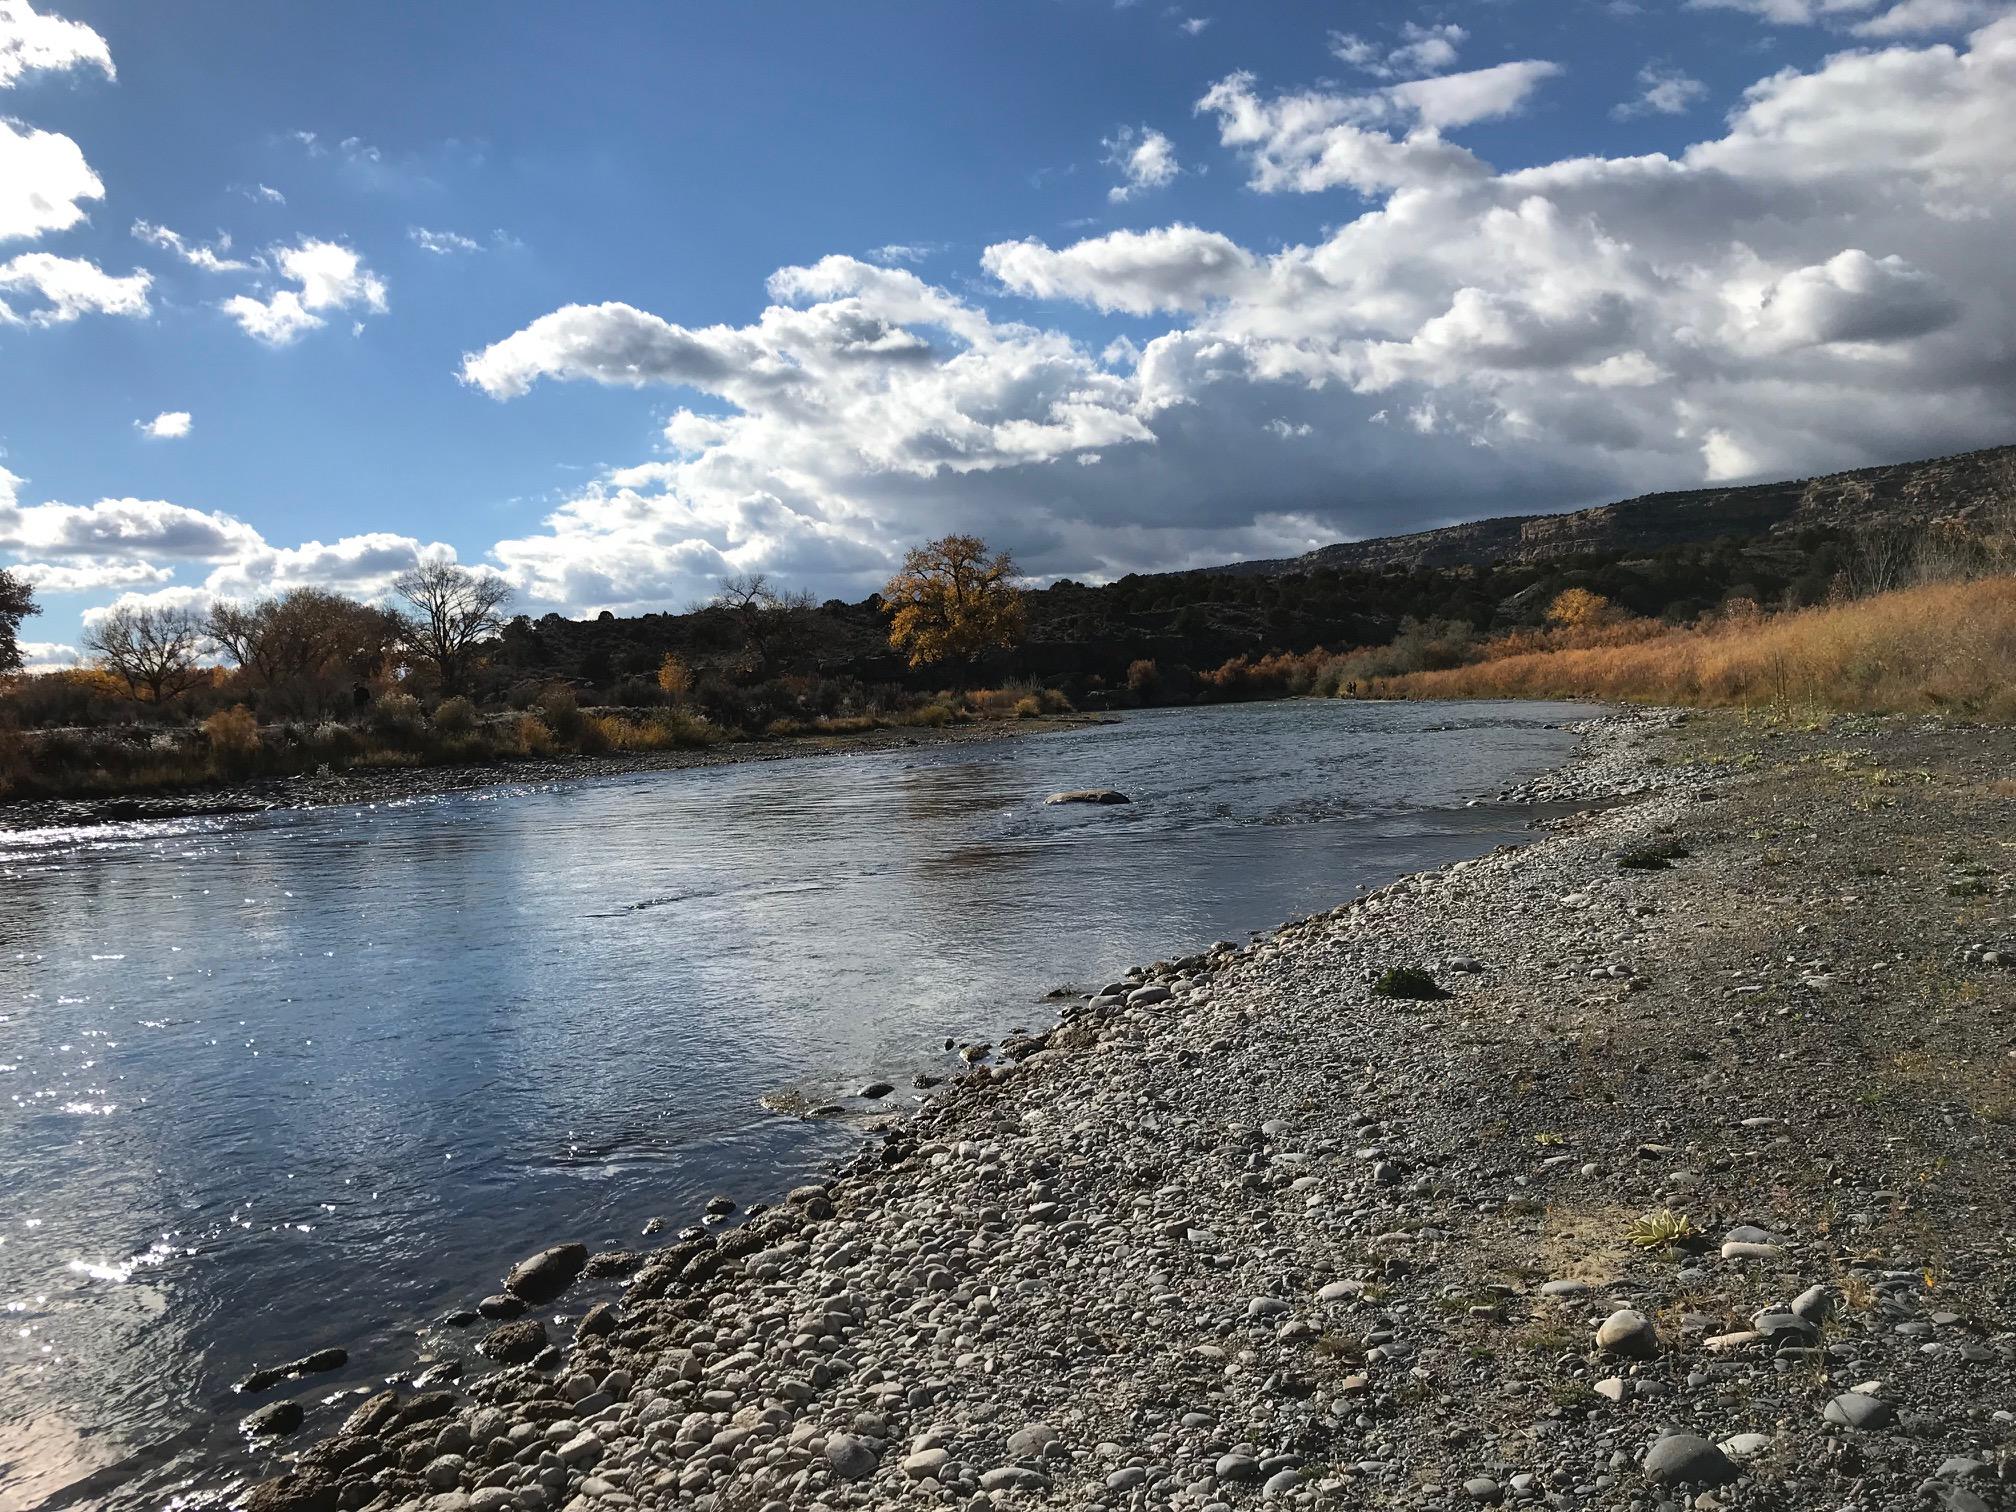 San Juan River Crusher Hole